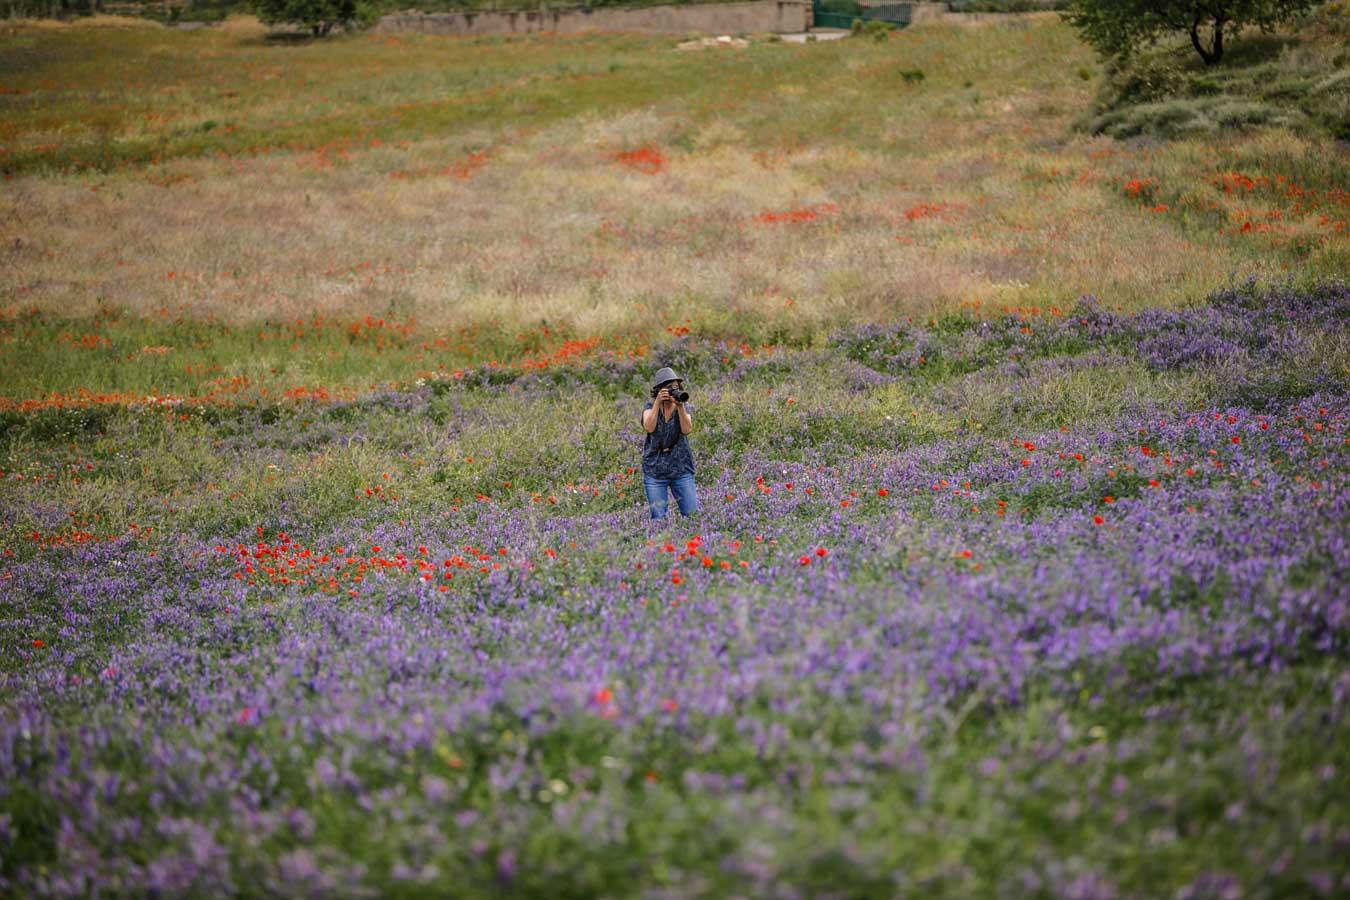 Una persona hace una fotogragía en un campo lleno de amapolas. Las amapolas ponen los puntos sobre el paisaje. Son acentos de rojo vivo, como una crin, espolvoreada. Parece todo un sueño digital. Un avatar impresionista.